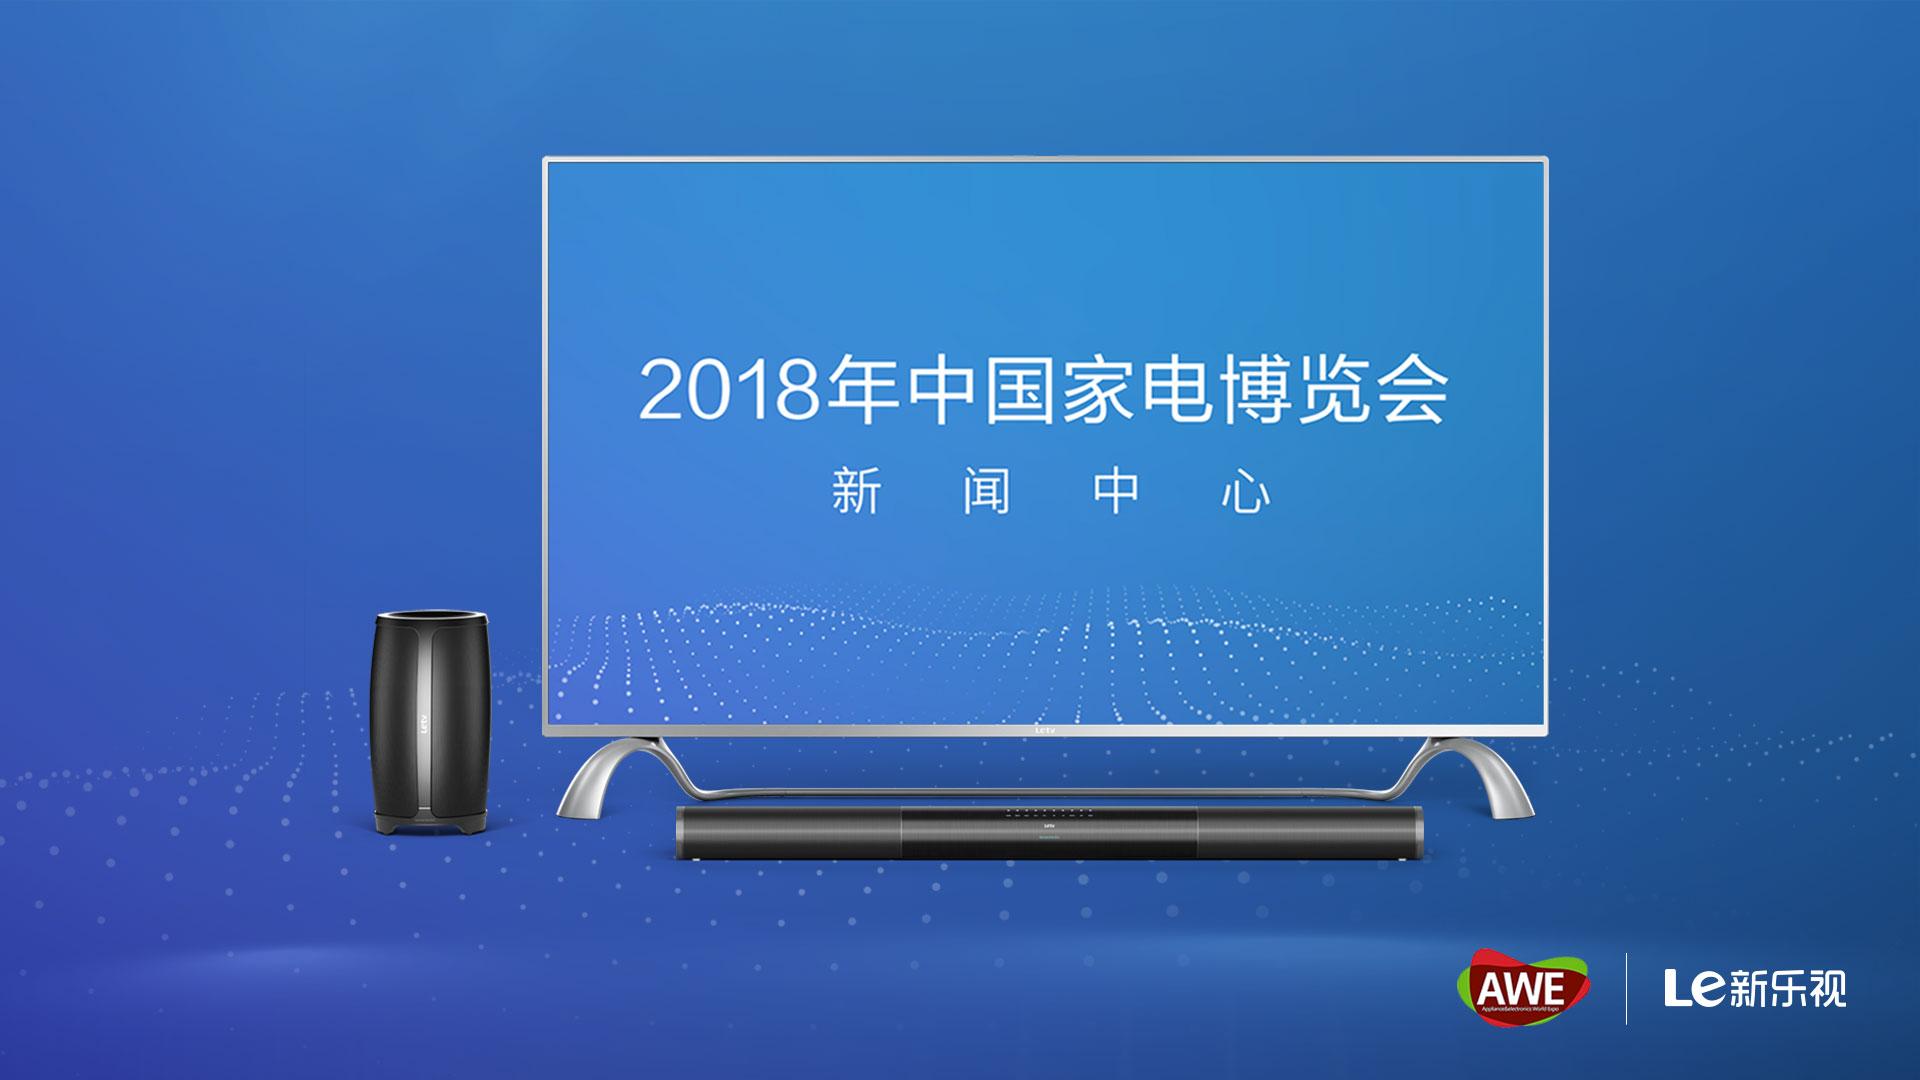 乐视超级电视亮相2018AWE 成媒体人专属电视产品